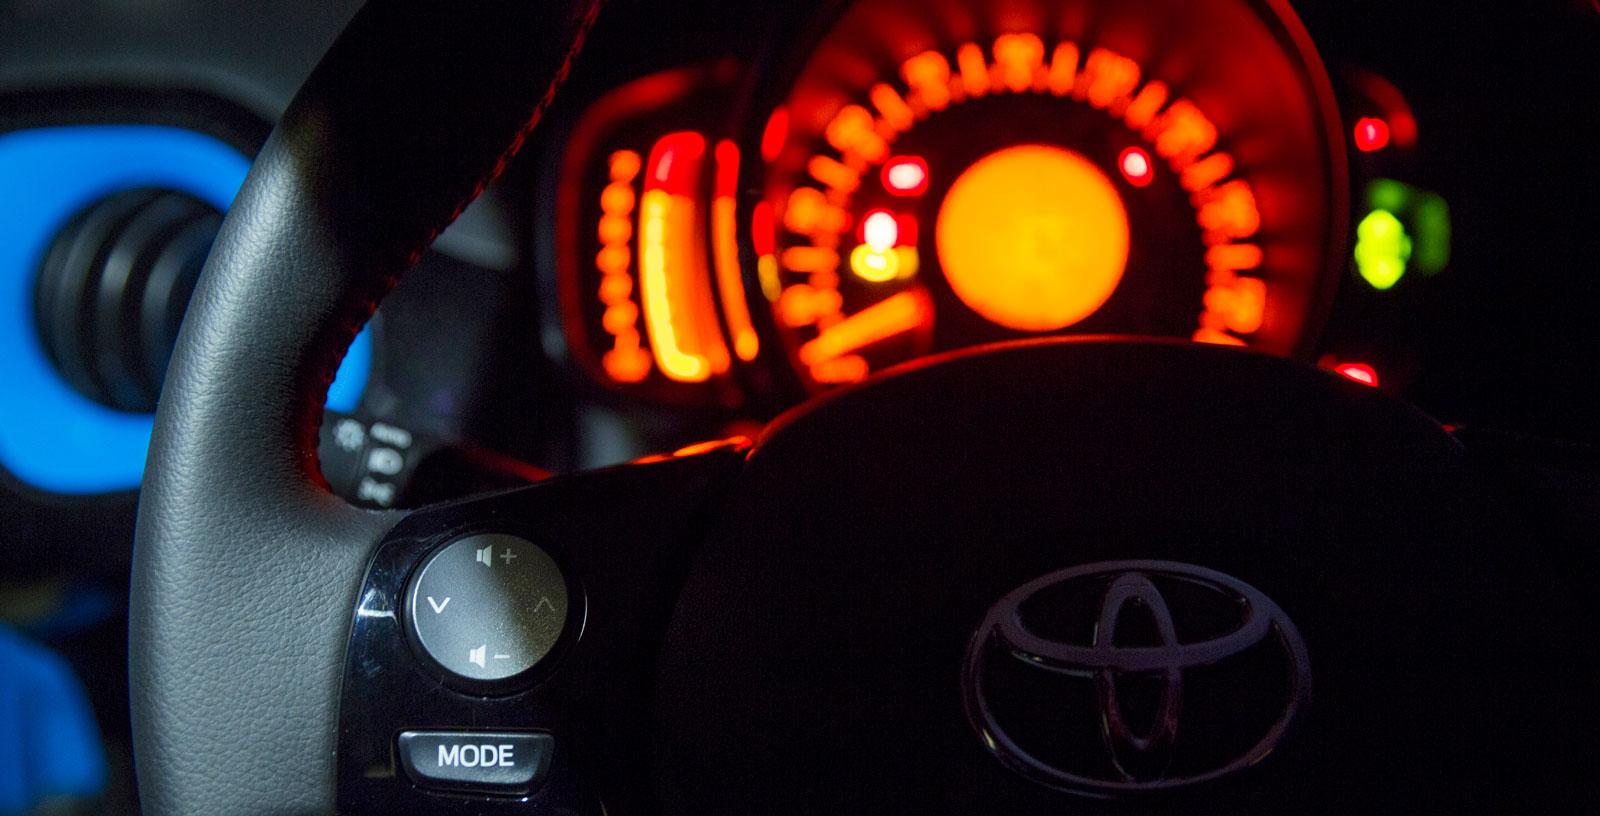 Nyckellöst system gör att man slipper skava knäet mot startnyckeln i Aygo. Mindre bra är att knappar och reglage på ratten inte är upplysta vid mörkerkörning. Det finns några knappar på vänster sida av ratten som man får känna sig fram till, bland annat strålkastarnas höjdreglering.